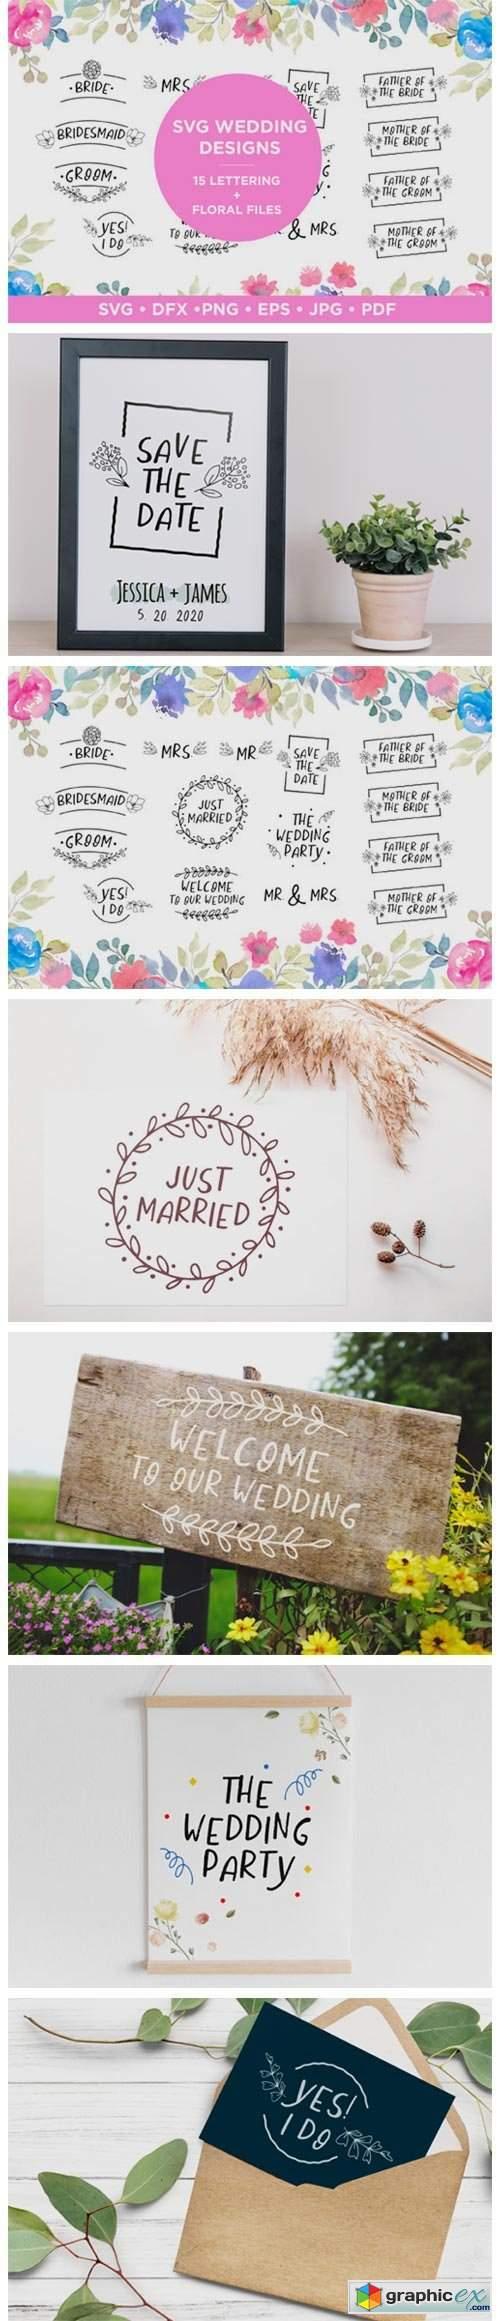 Wedding Lettering Designs Bundle